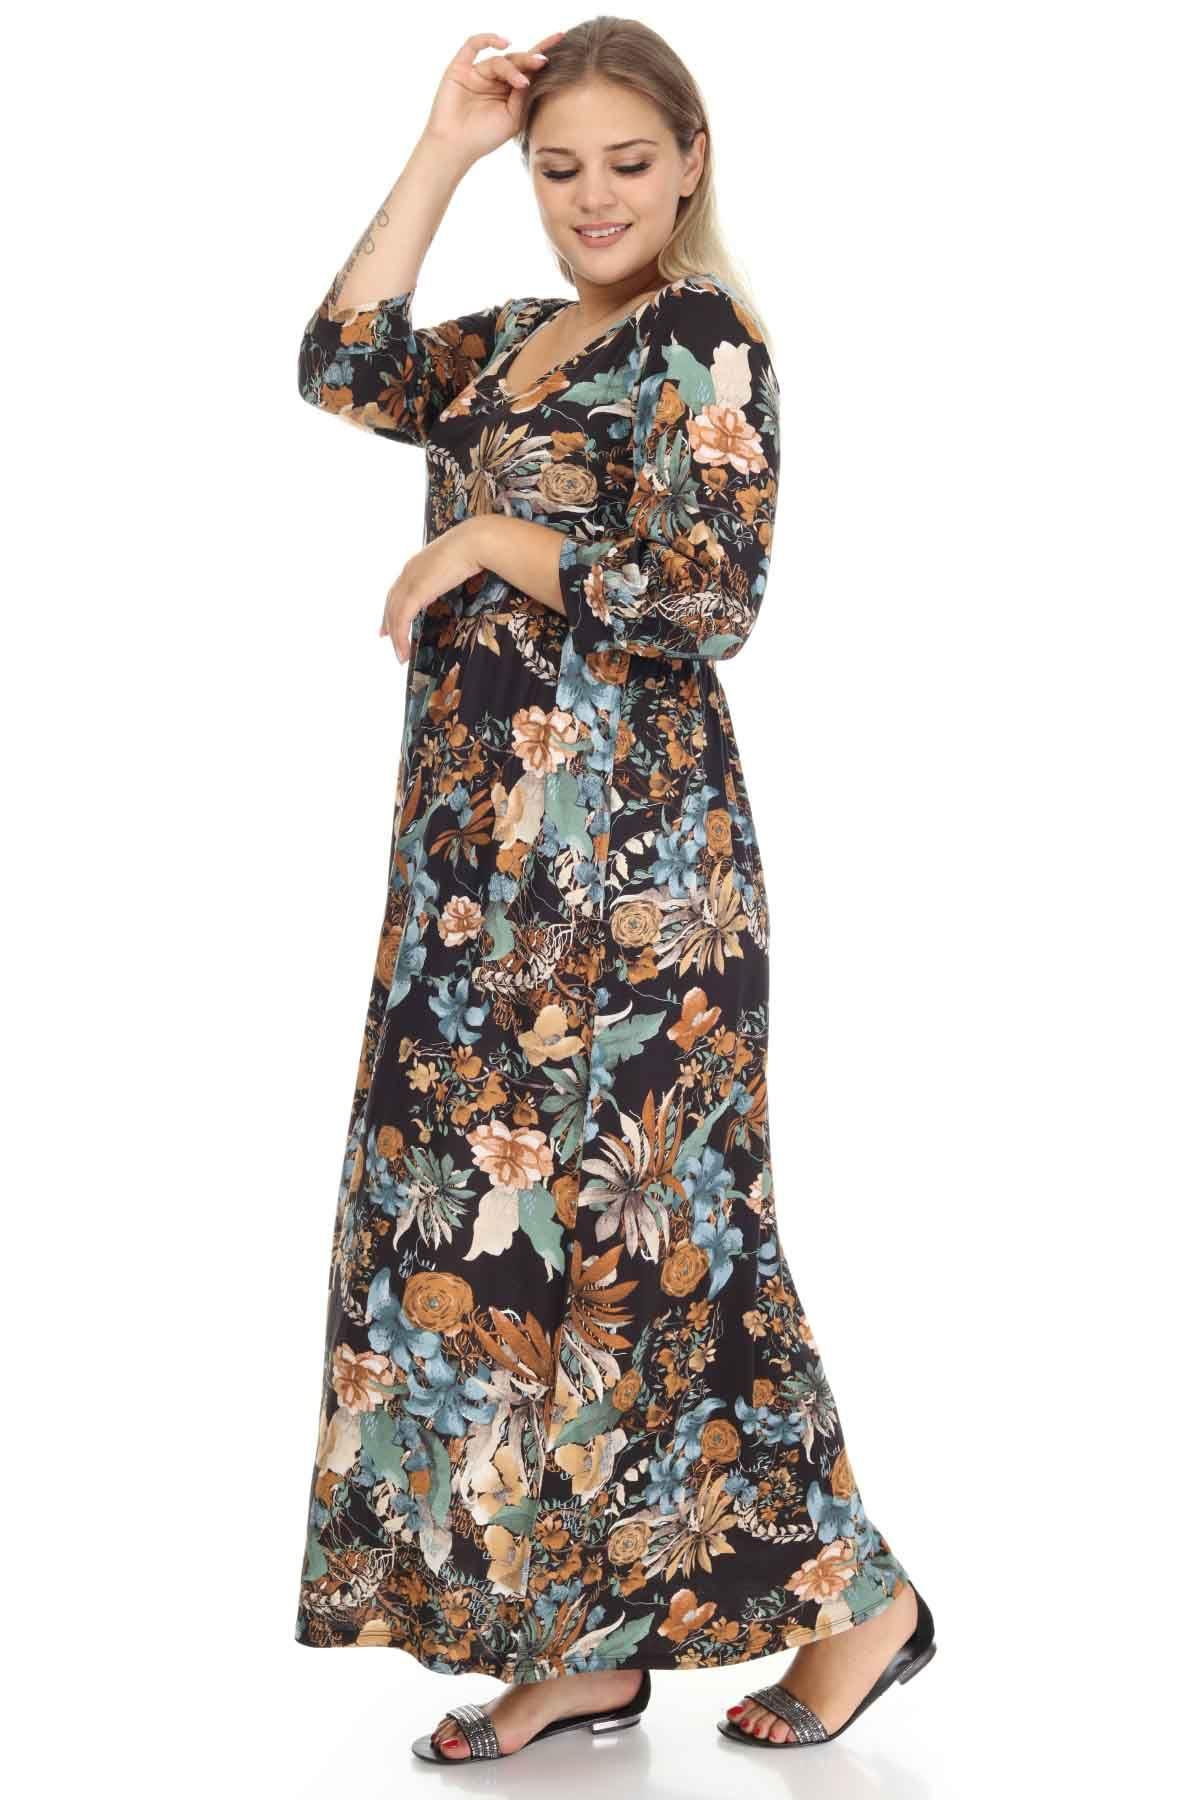 Truvakar Kol Büyük Beden Elbise 2F-1253